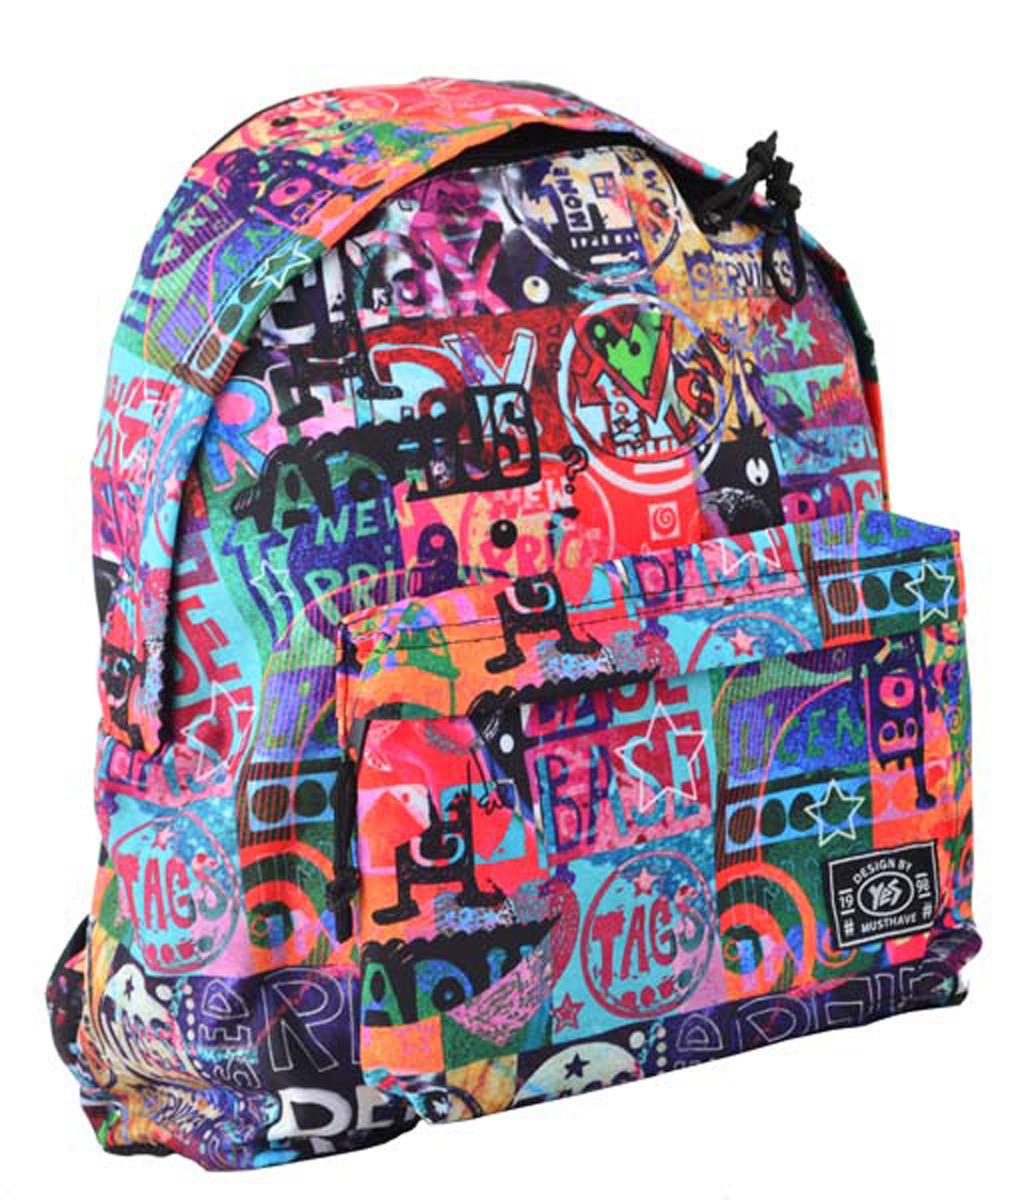 Рюкзак городской прогулочный YES  ST-17 Crazy relax, 42*32*12 код: 555002